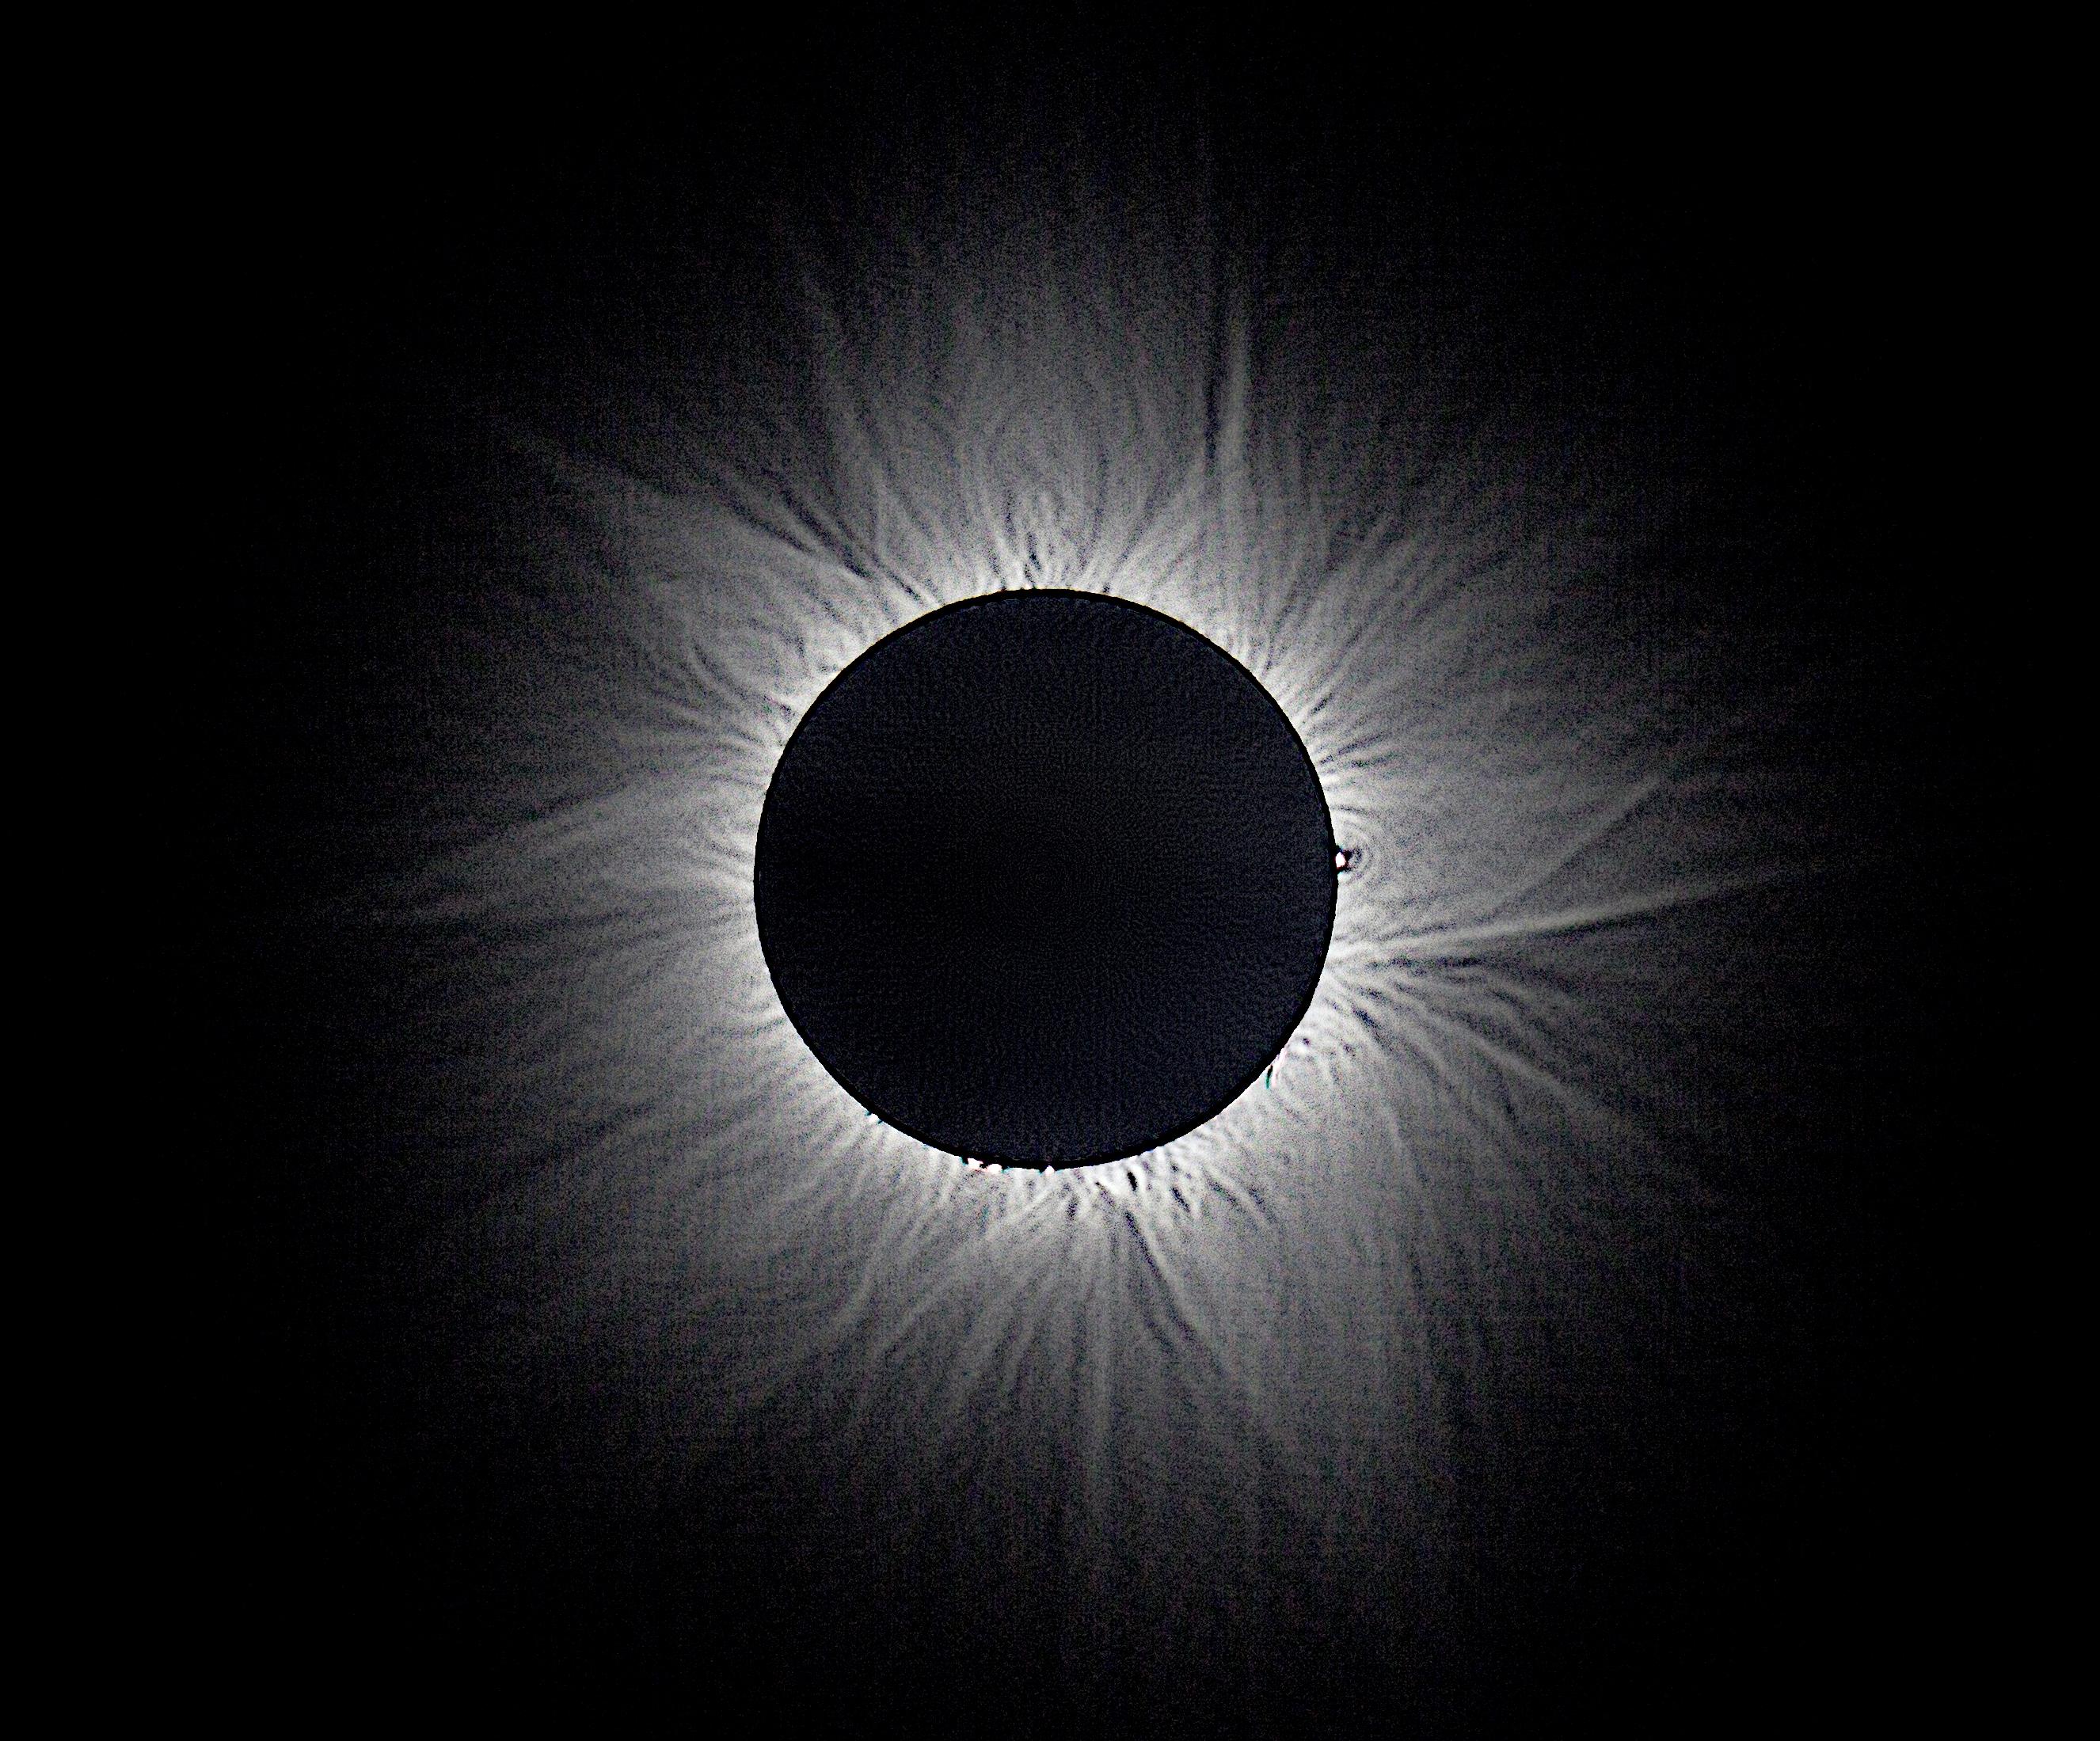 2012 Eclipse